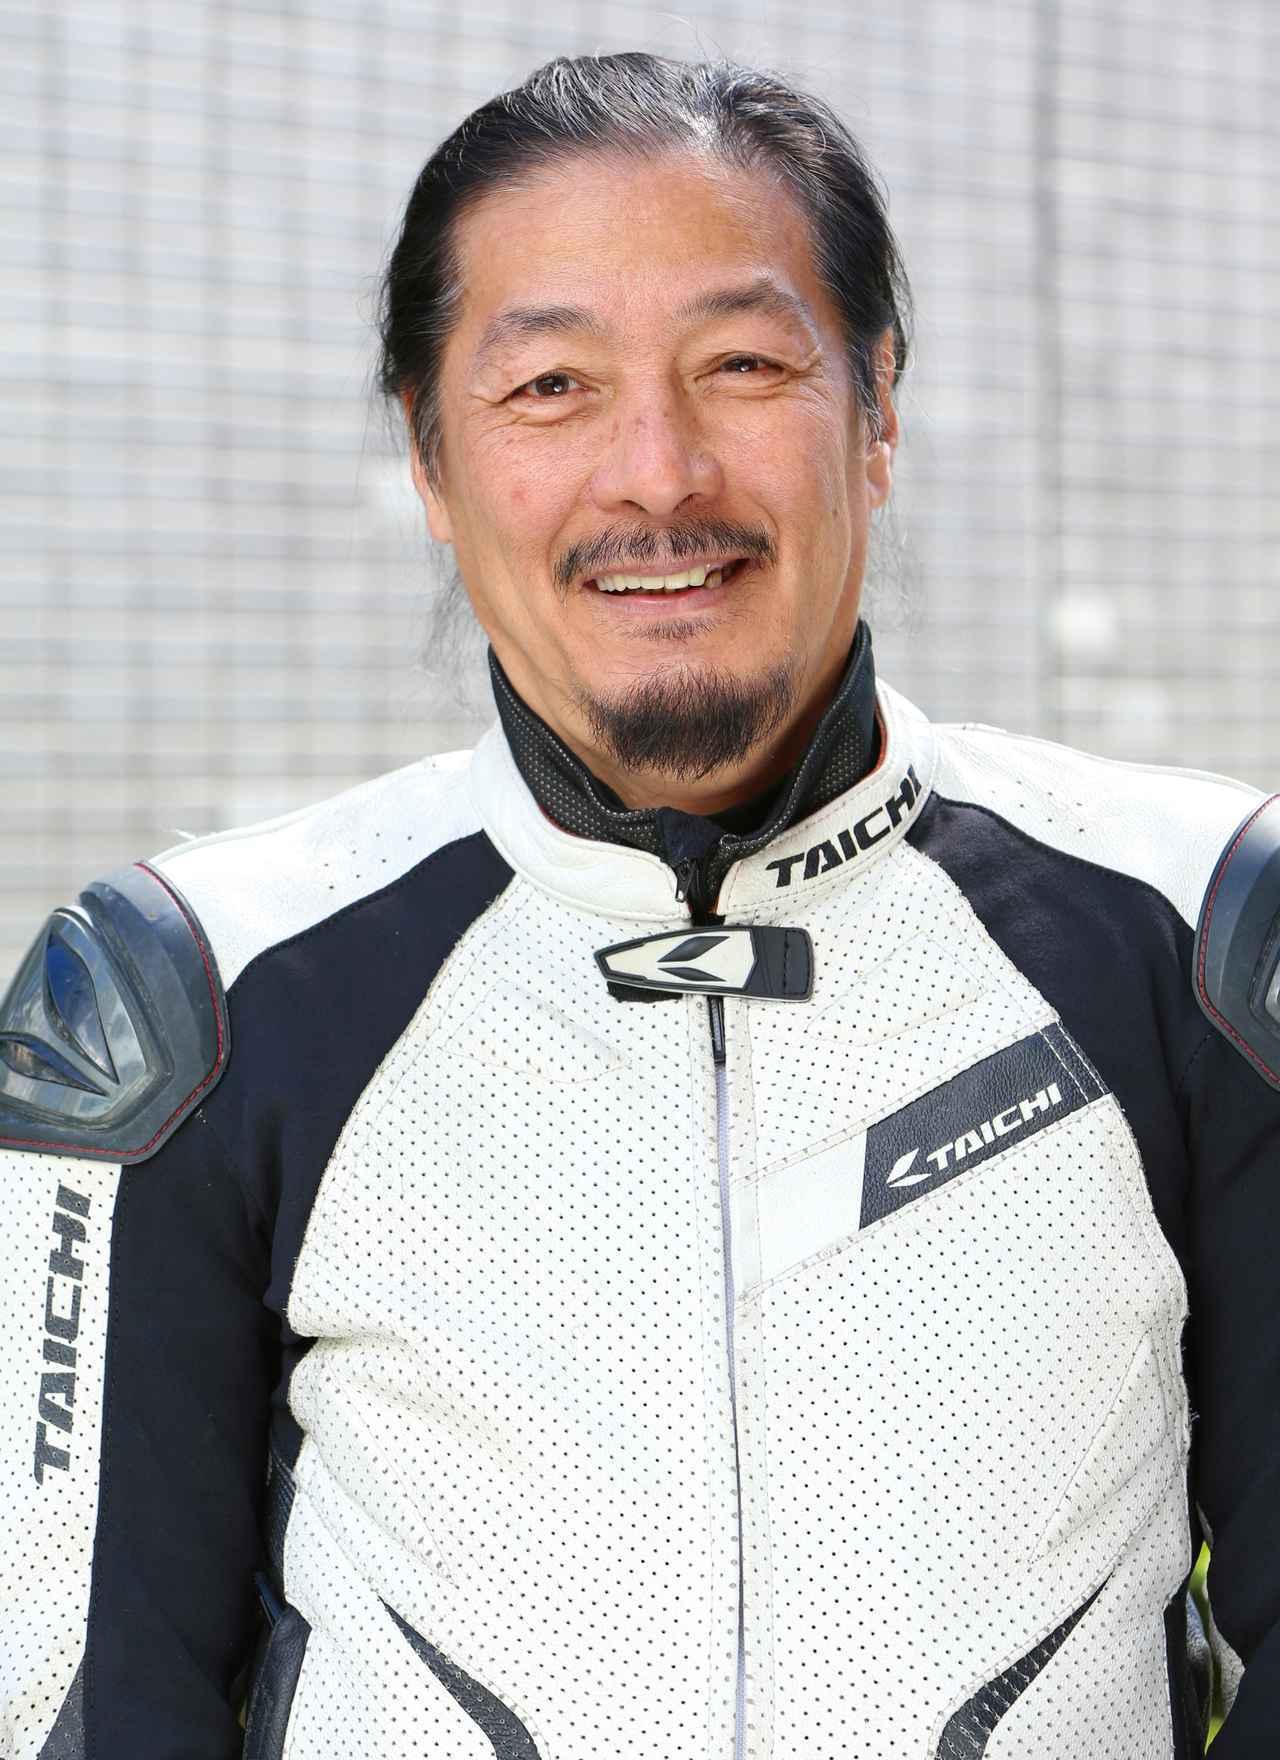 画像1: 宮崎敬一郎が選ぶ2021年のナンバーワン・バイク【ジャパン・バイク・オブ・ザ・イヤー 2021 直前企画】